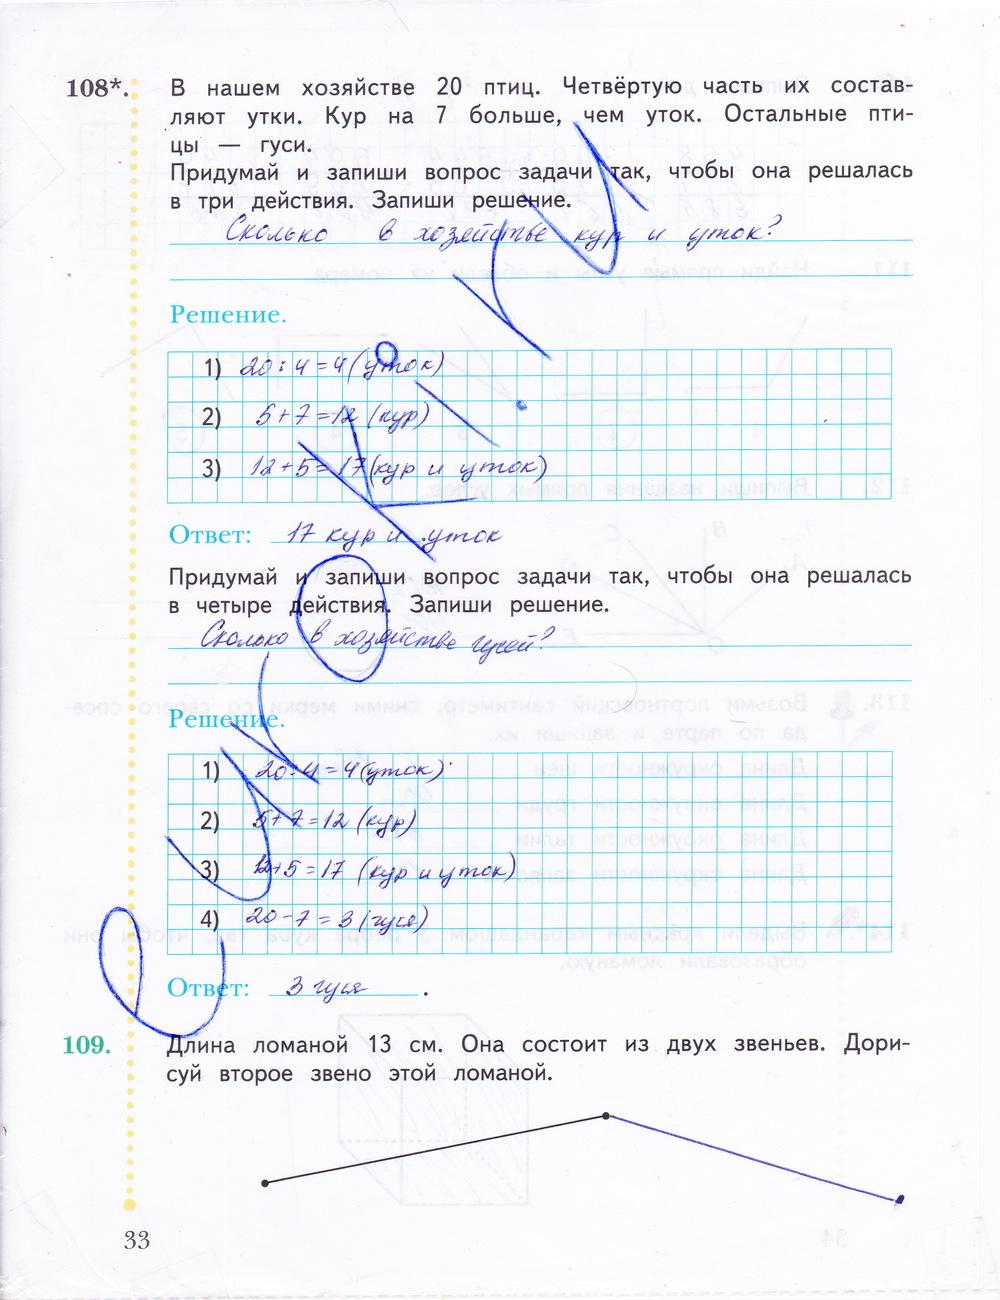 Рабочая тетрадь по математике 4 класс часть 2 рудницкая решебник 2 часть ответы